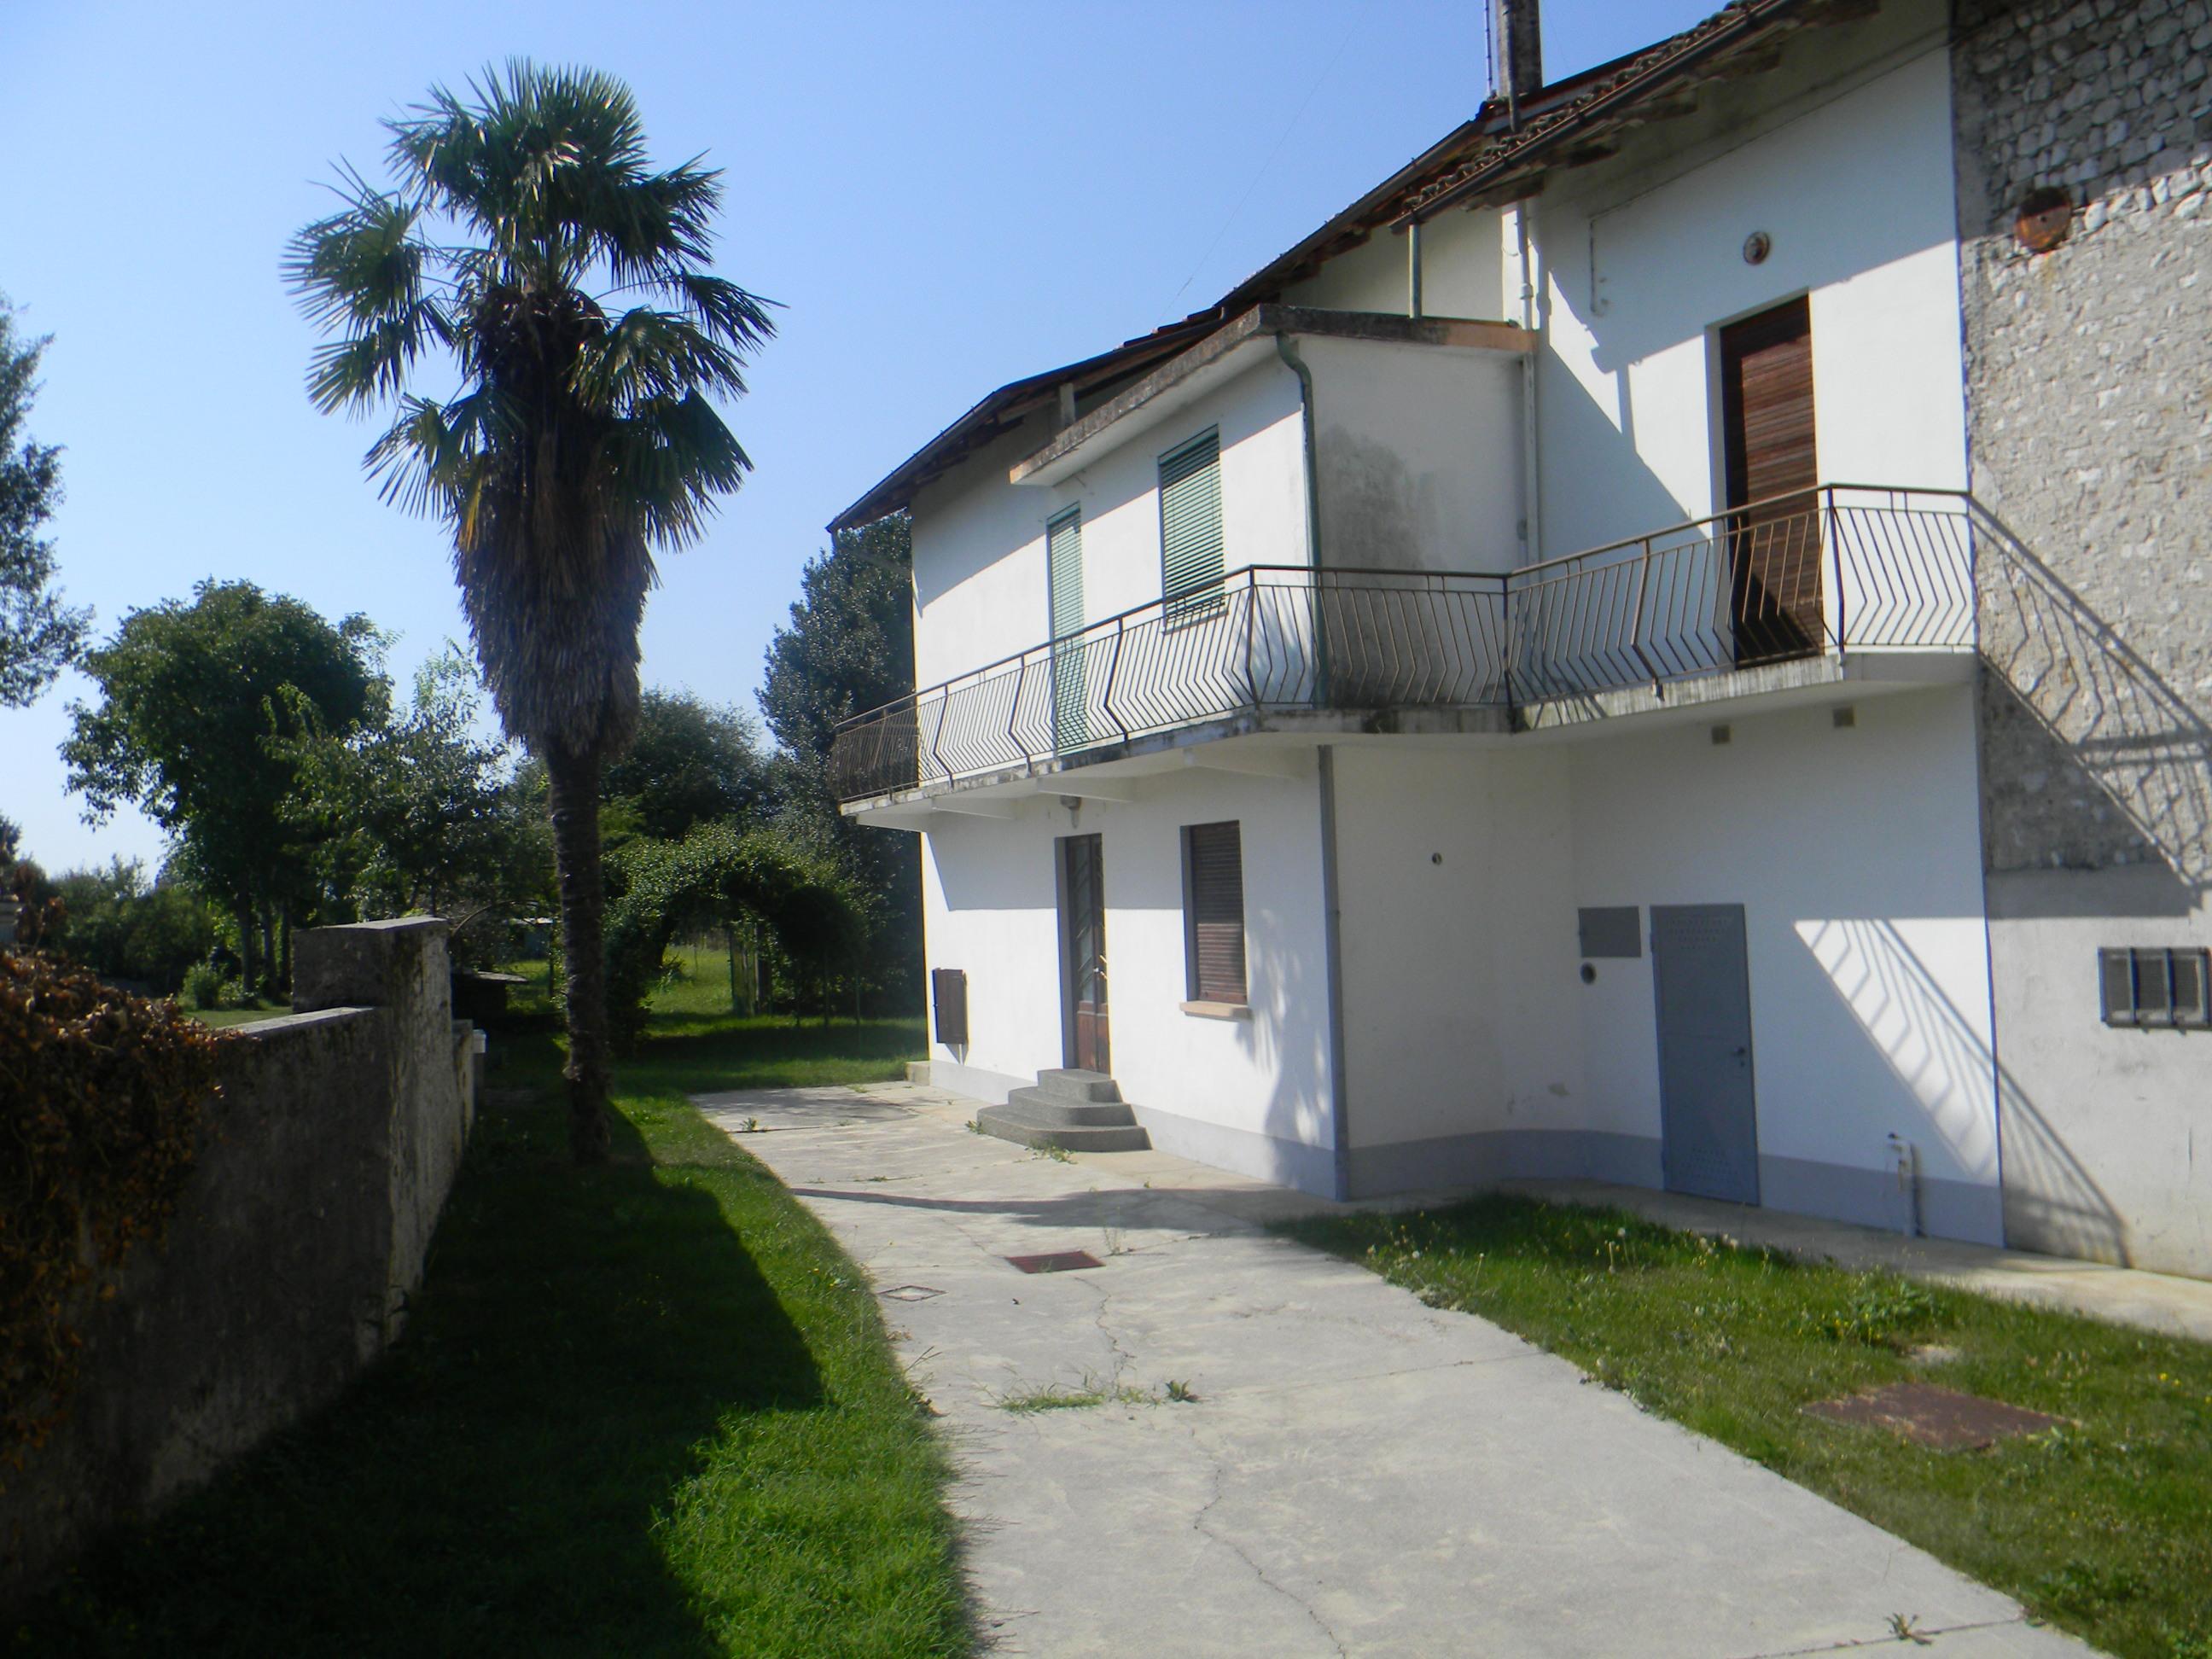 Casa contigua da ristrutturare arba pn 33 for Piani di casa con guest house annessa